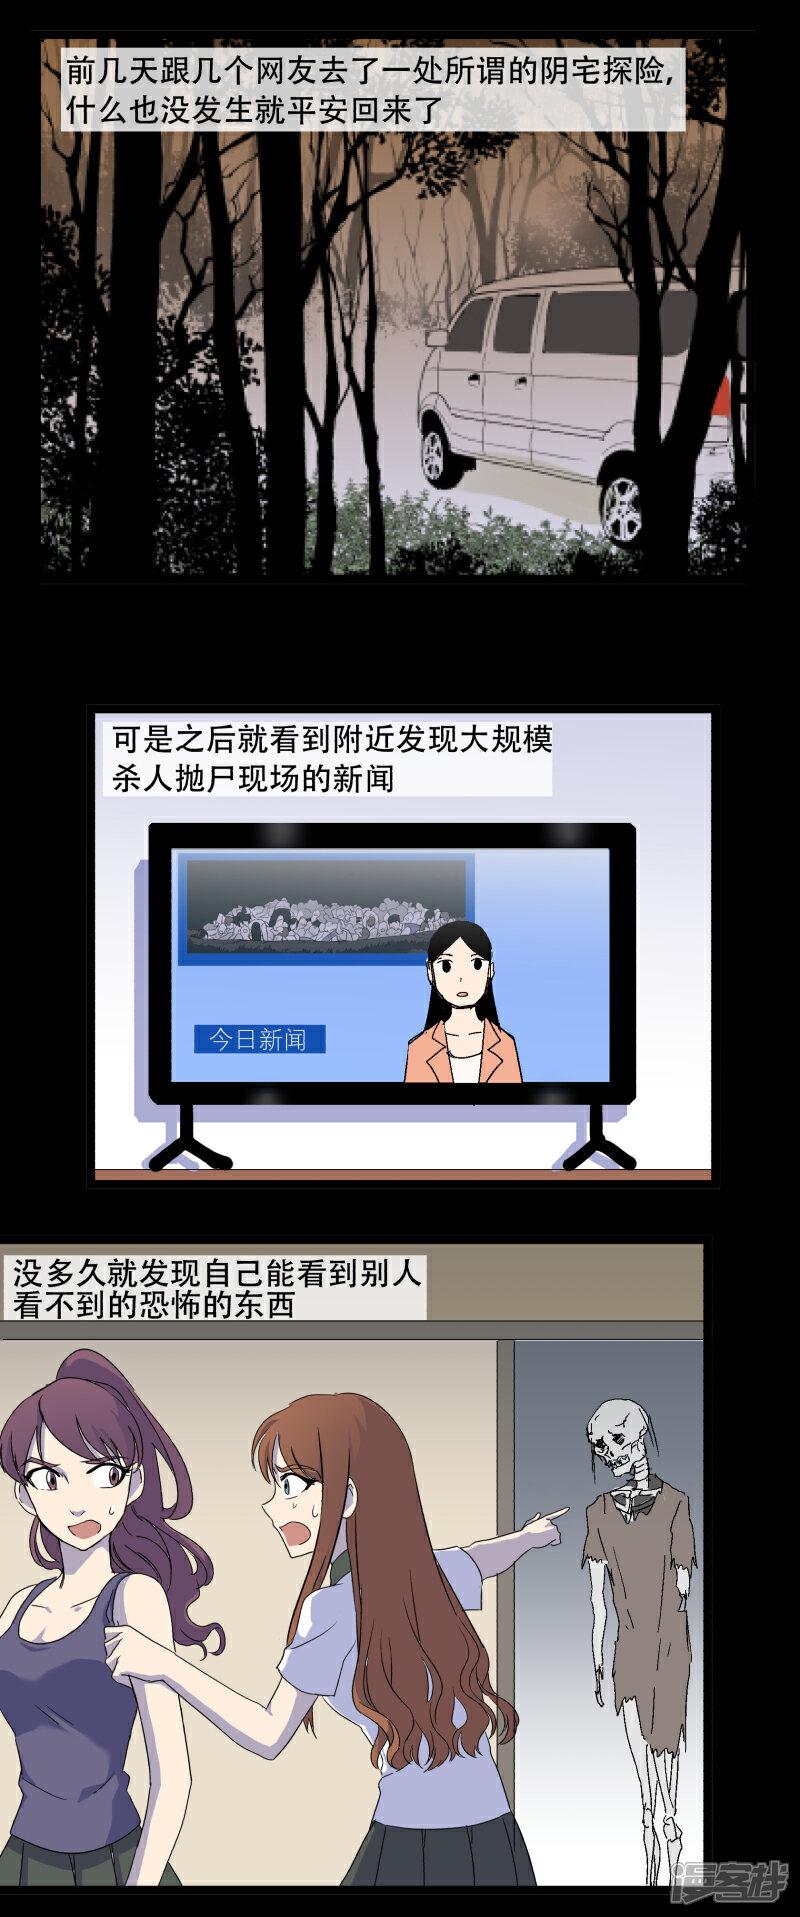 阎王不高兴漫画 第8话 漫客栈